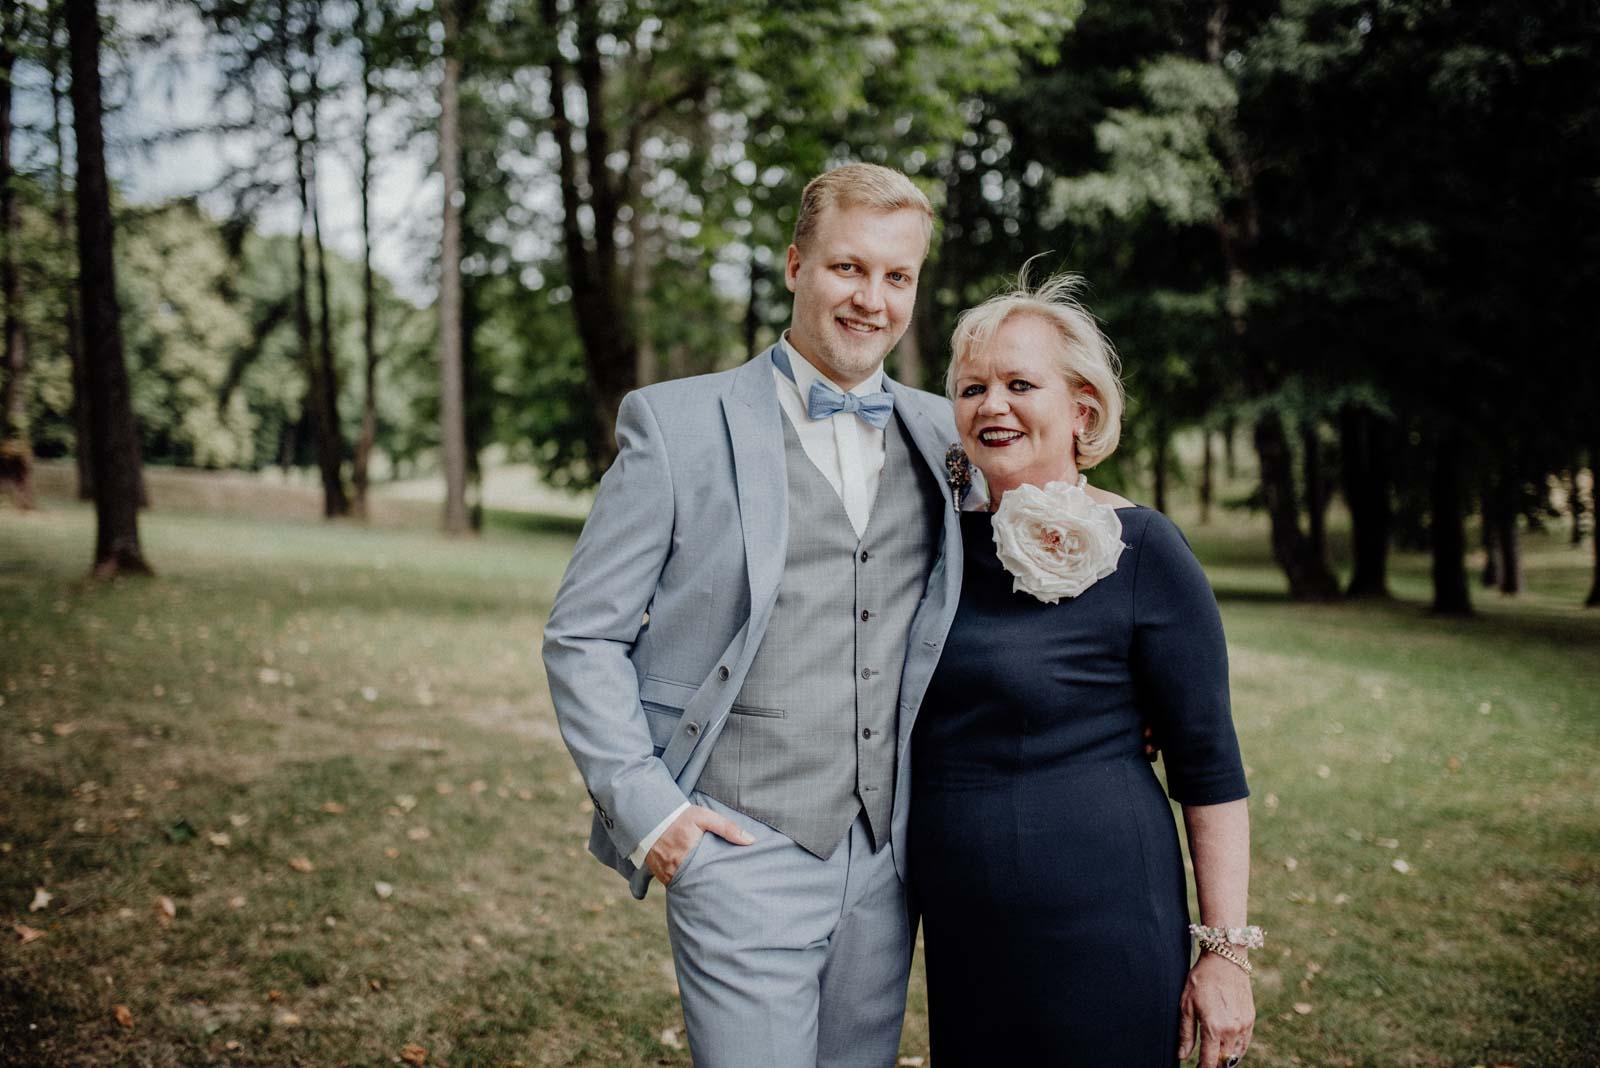 Sohn und Mutter posieren für Familienbilder